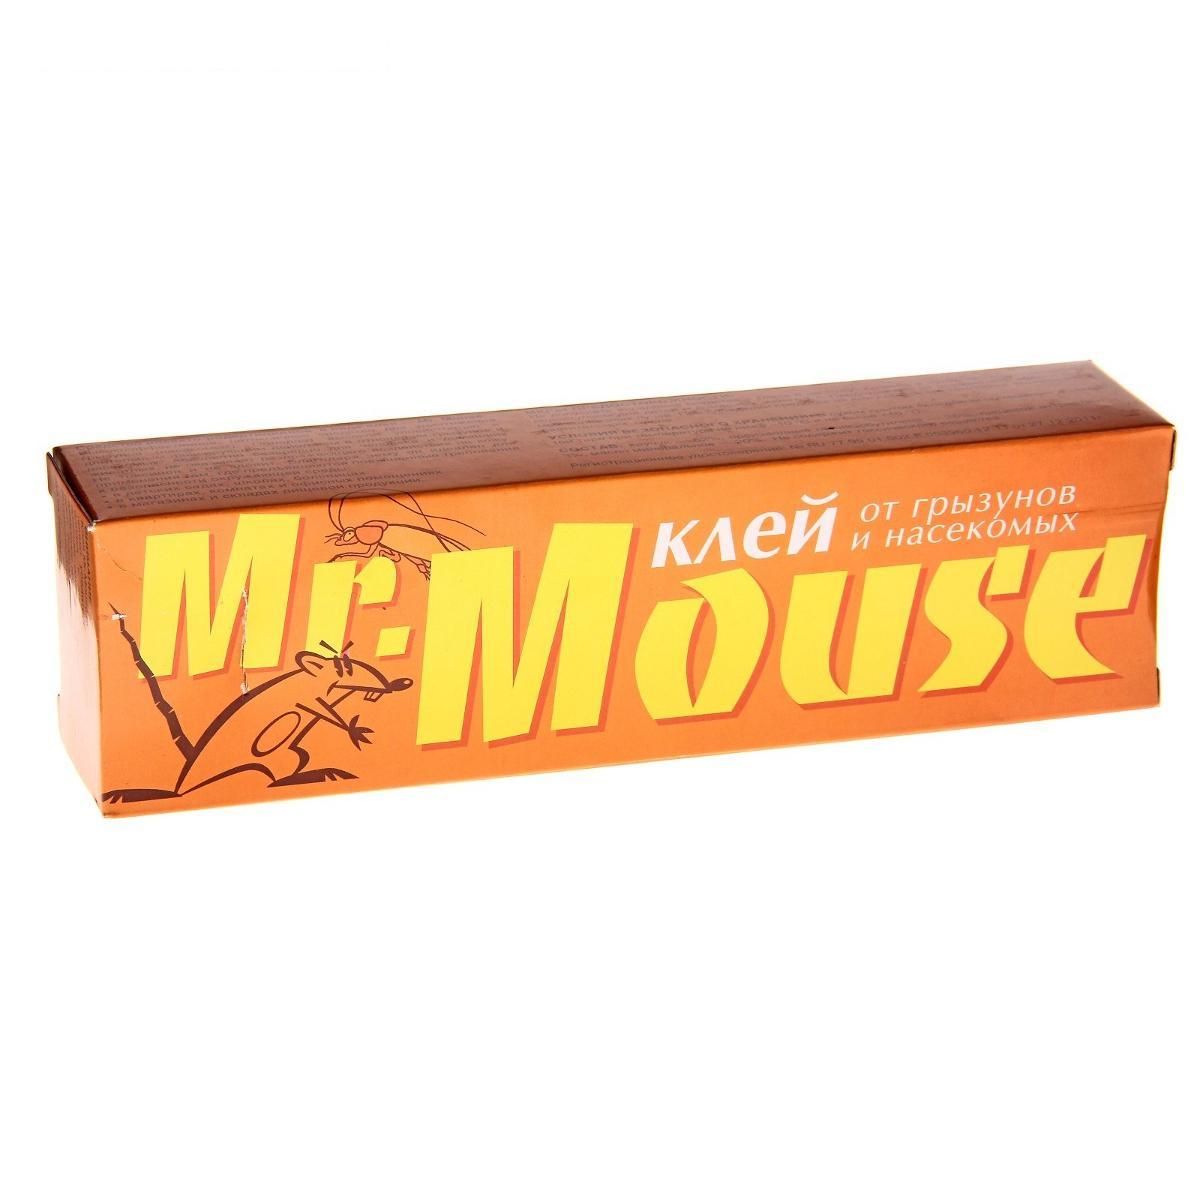 Клей Mr. mouse СЗ.040001